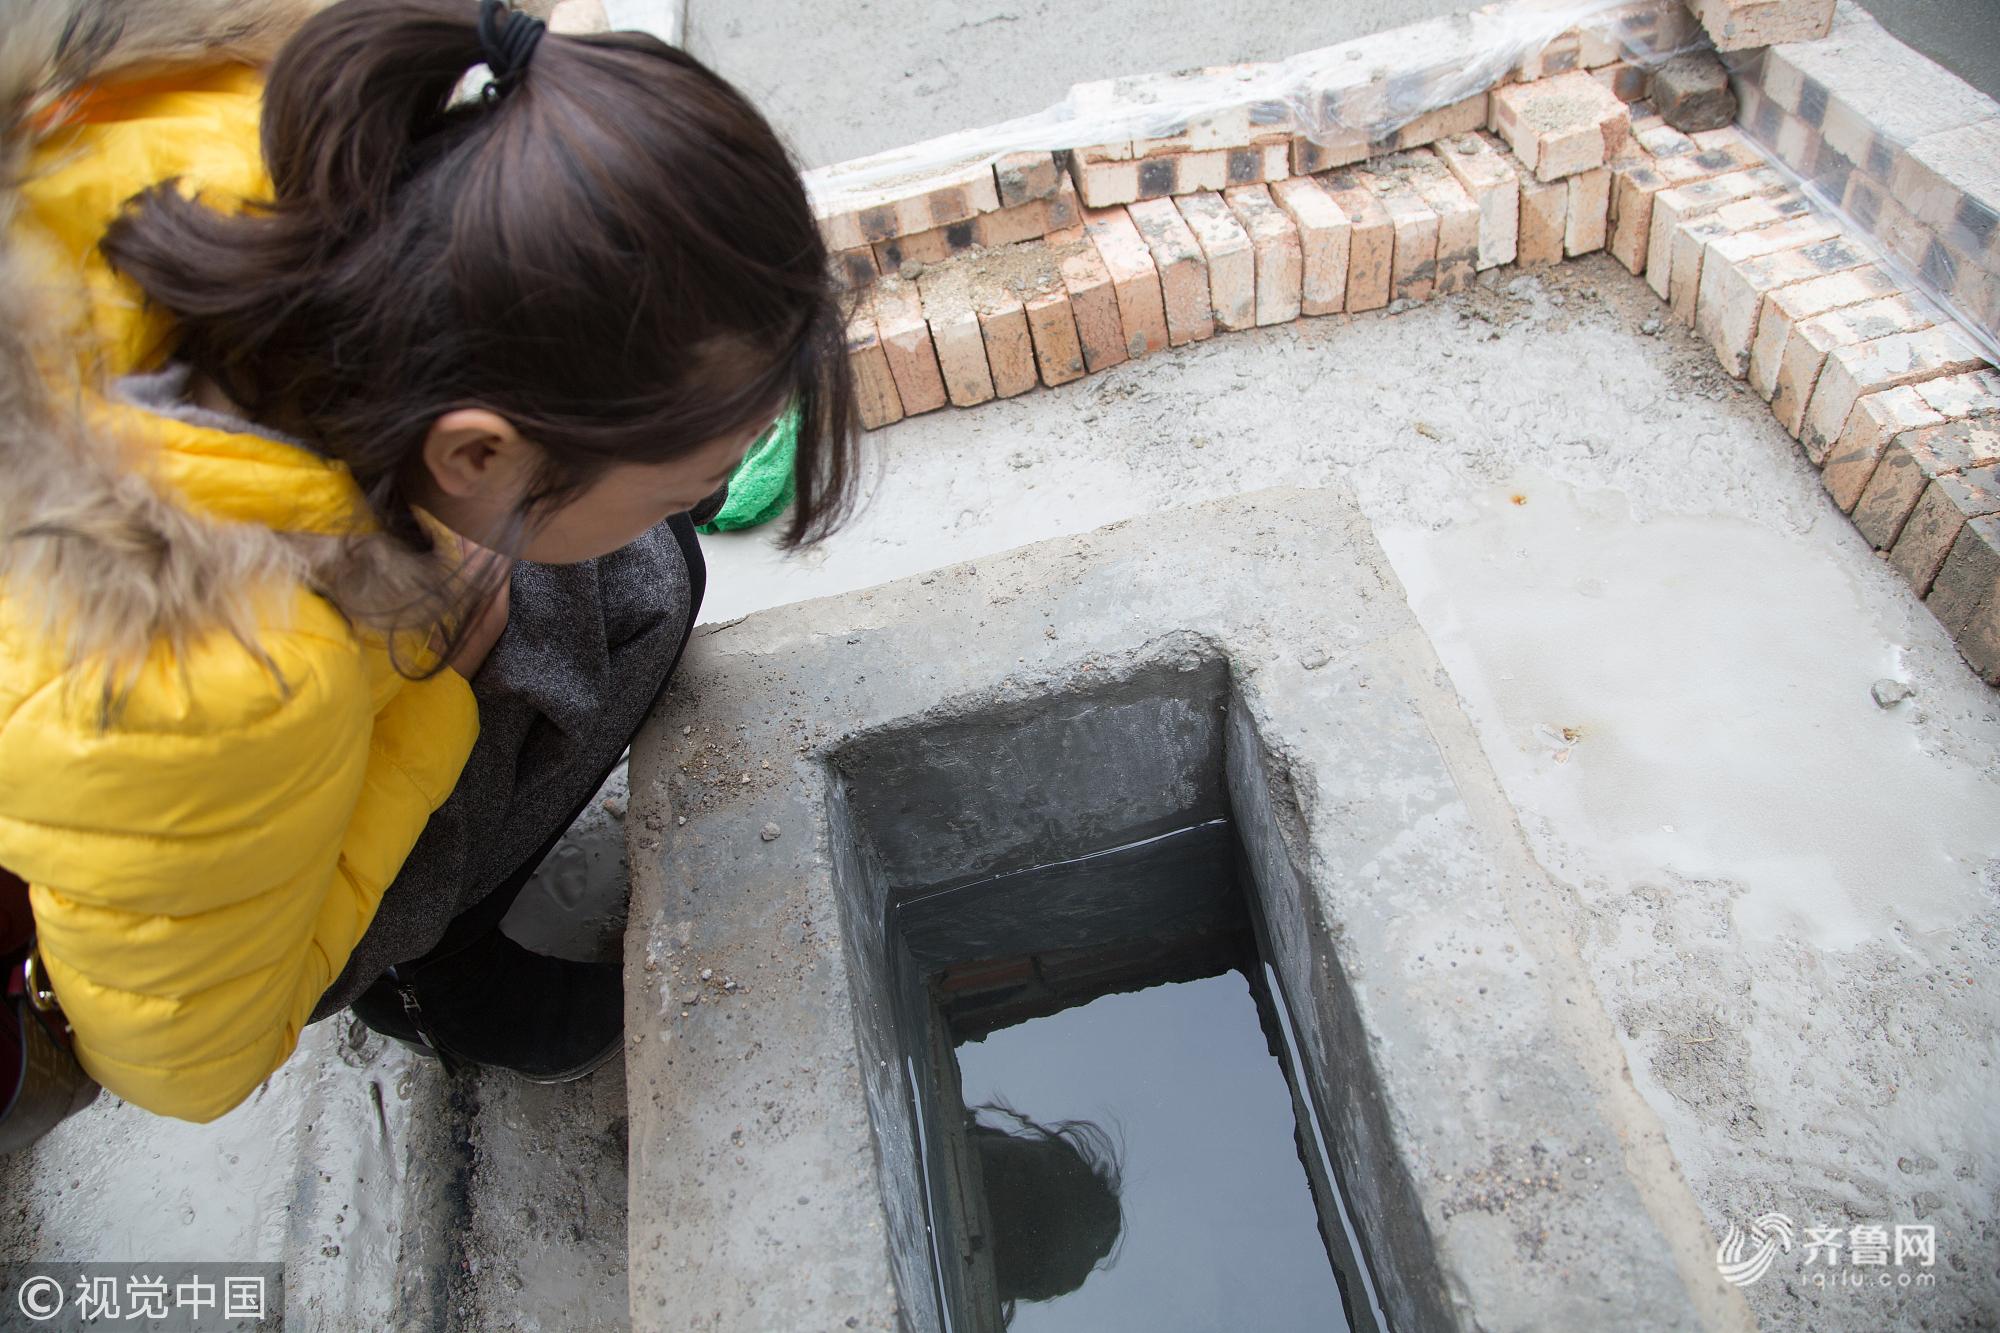 济南:芙蓉街整修发现新泉眼 水质与趵突泉相同